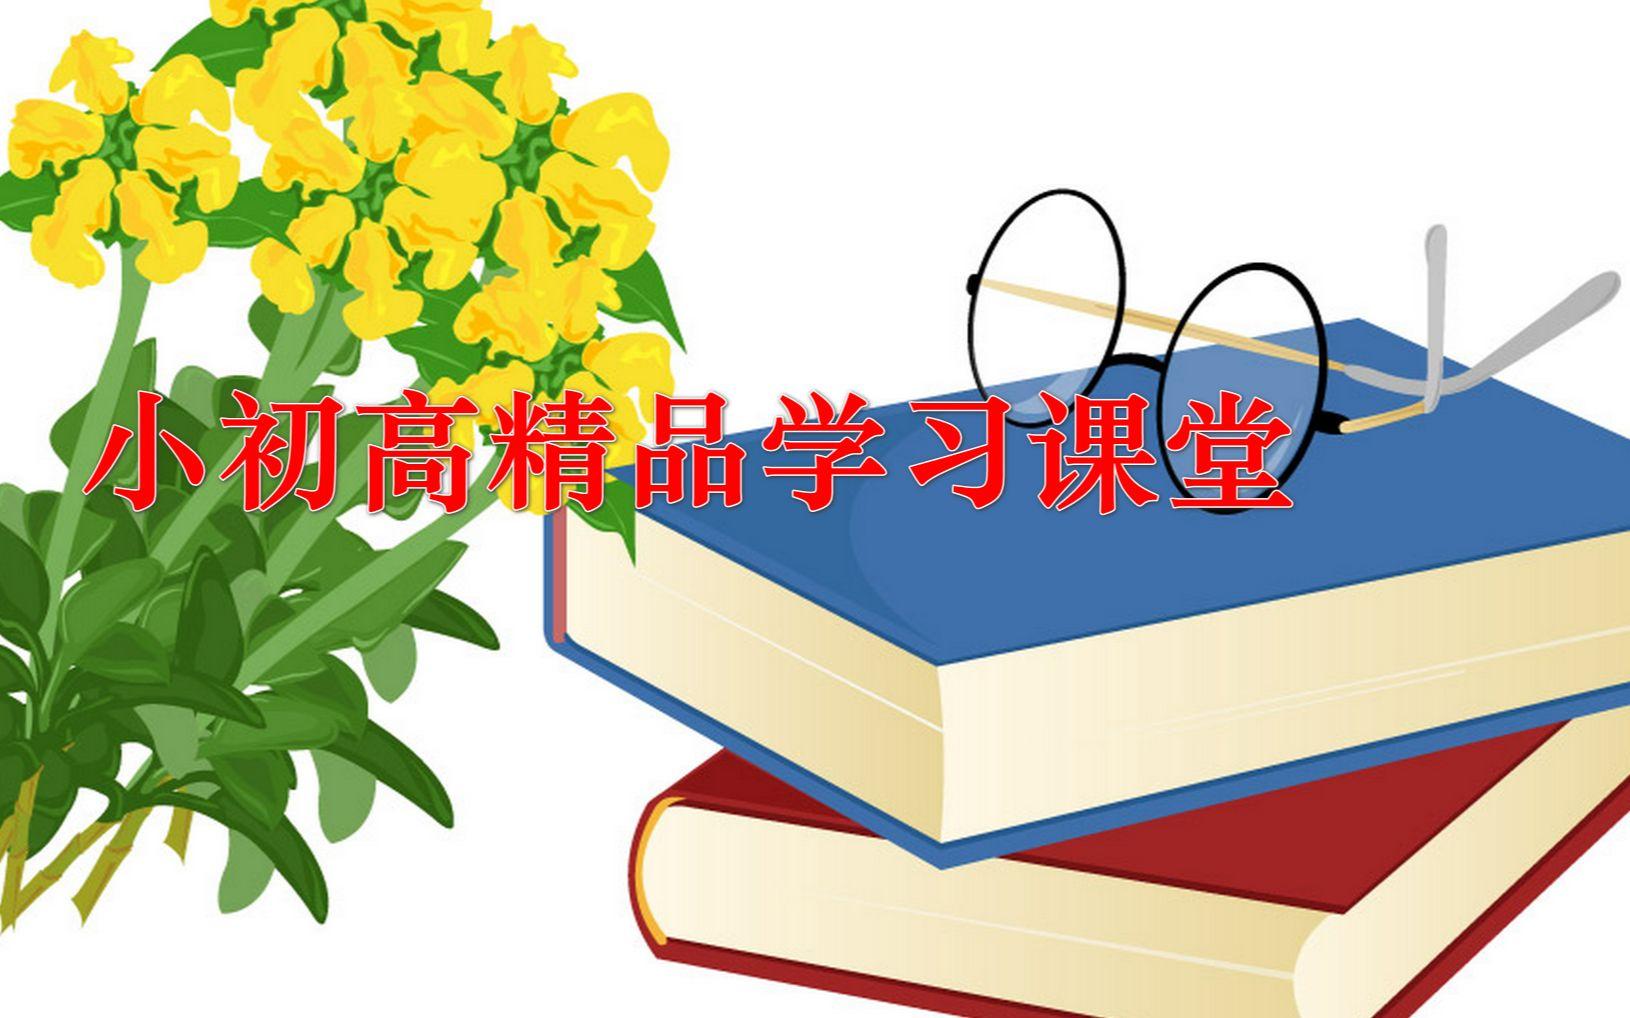 英语学习——动画学习英语语法【上册】